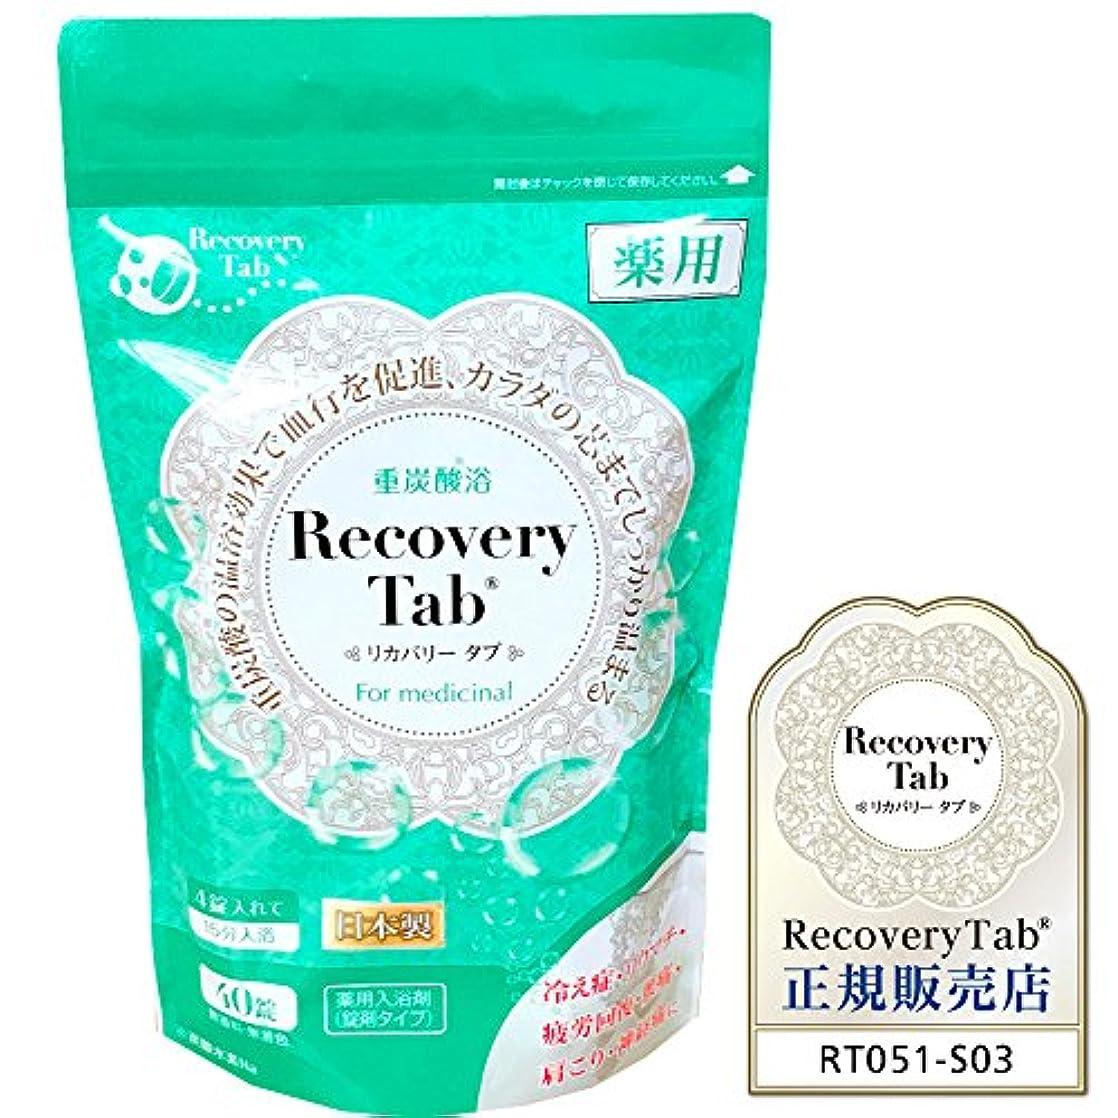 珍しいストレス些細【Recovery Tab 正規販売店】 薬用 Recovery Tab リカバリータブ 重炭酸浴 医薬部外品 40錠入